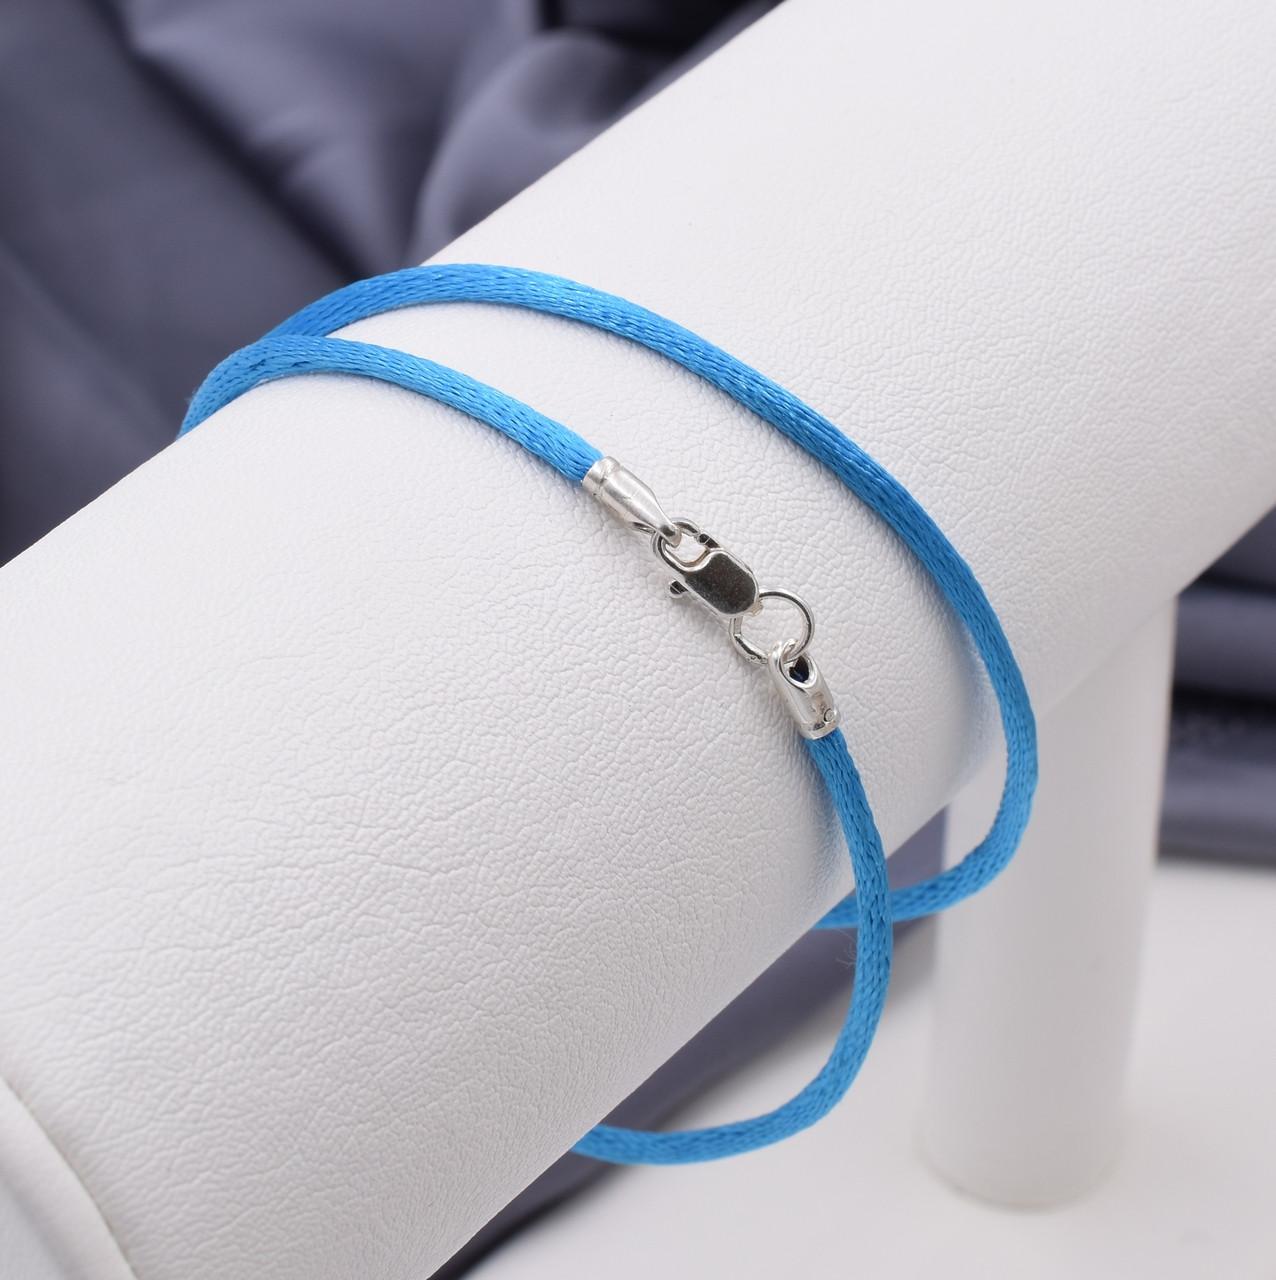 Шнурок шелковый цвет голубой длина 40 см ширина 2 мм вес серебра 0.7 г